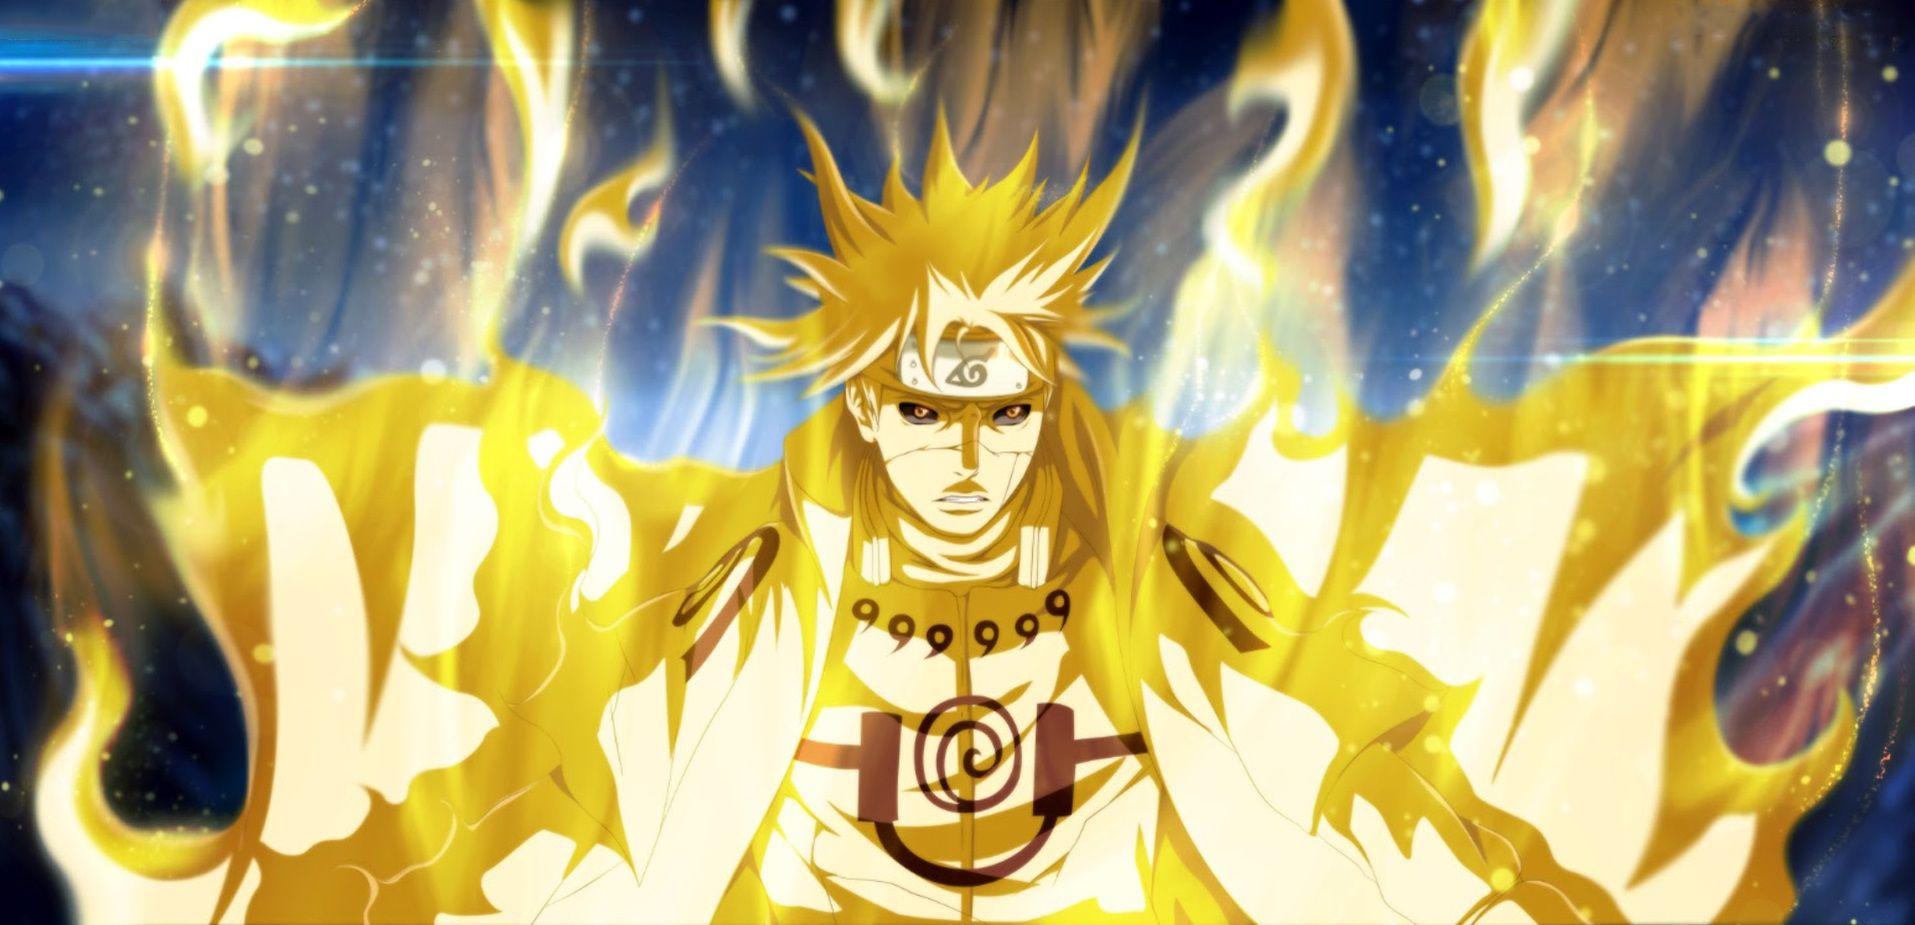 Cool Wallpaper Naruto Art - e55f2de7ca93b5fc87ac8a9be983f203  Pictures_518186.jpg